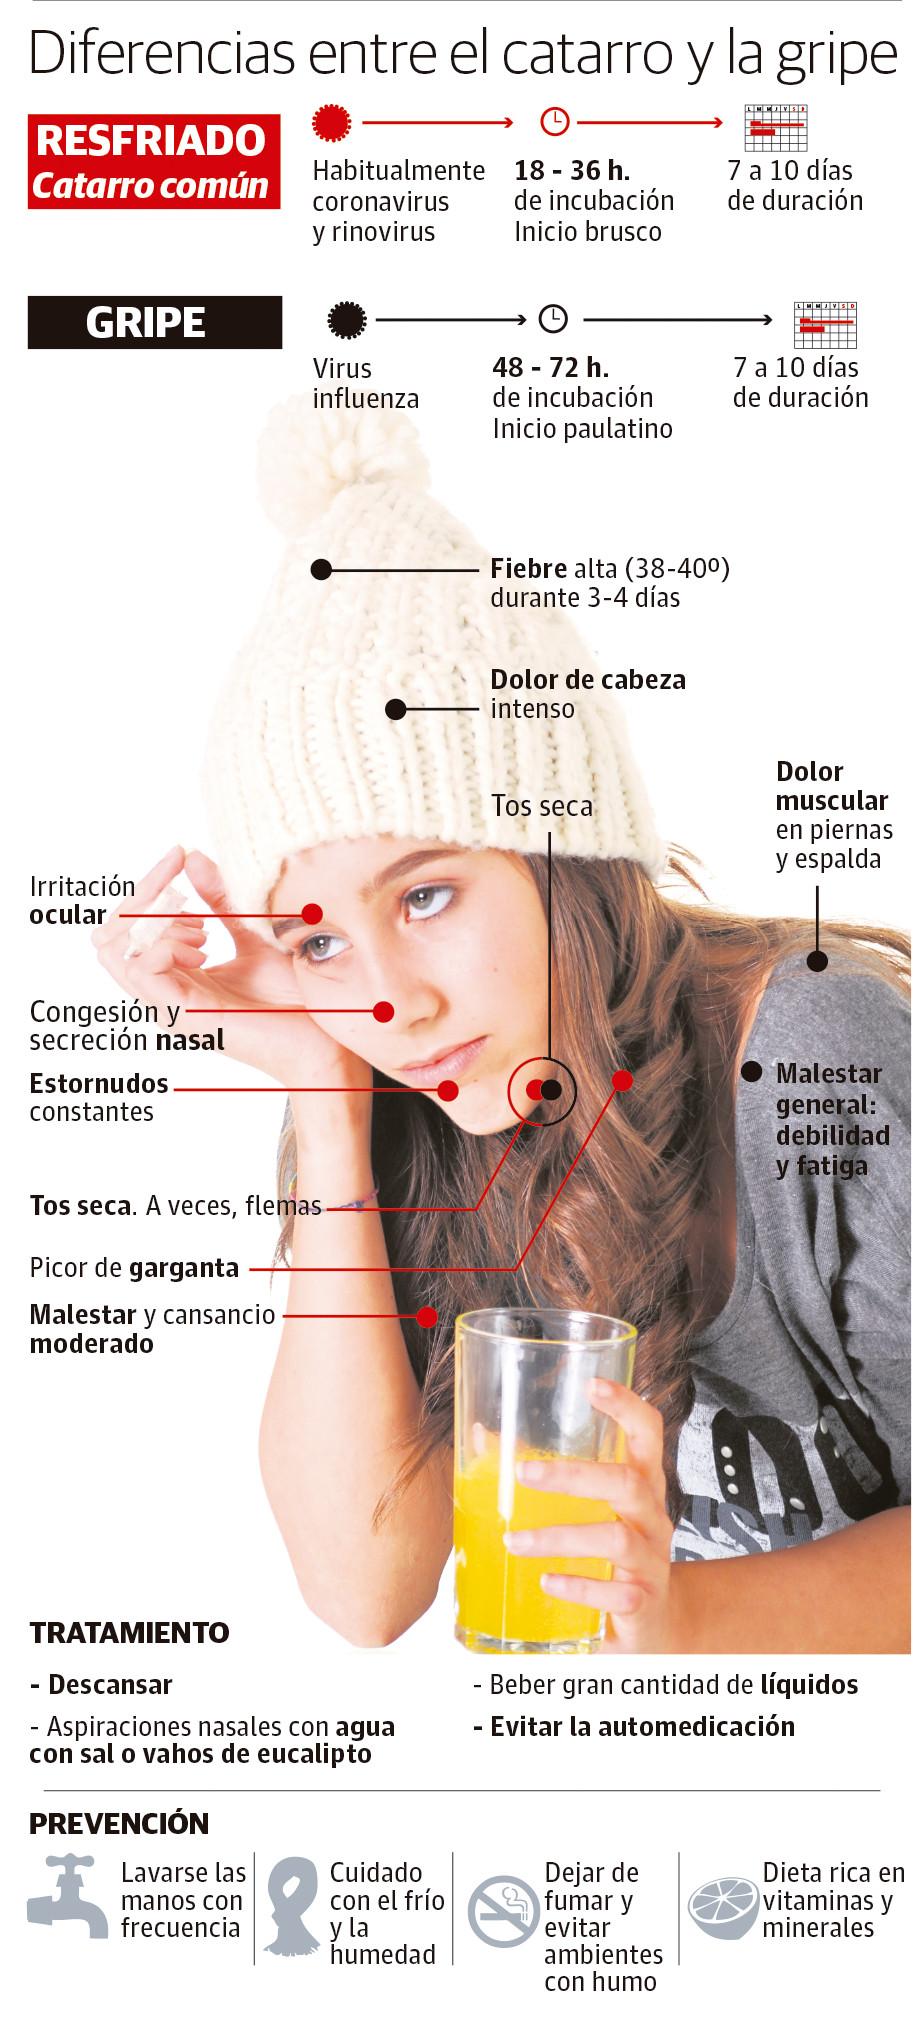 Diferencias entre la gripe y el catarro